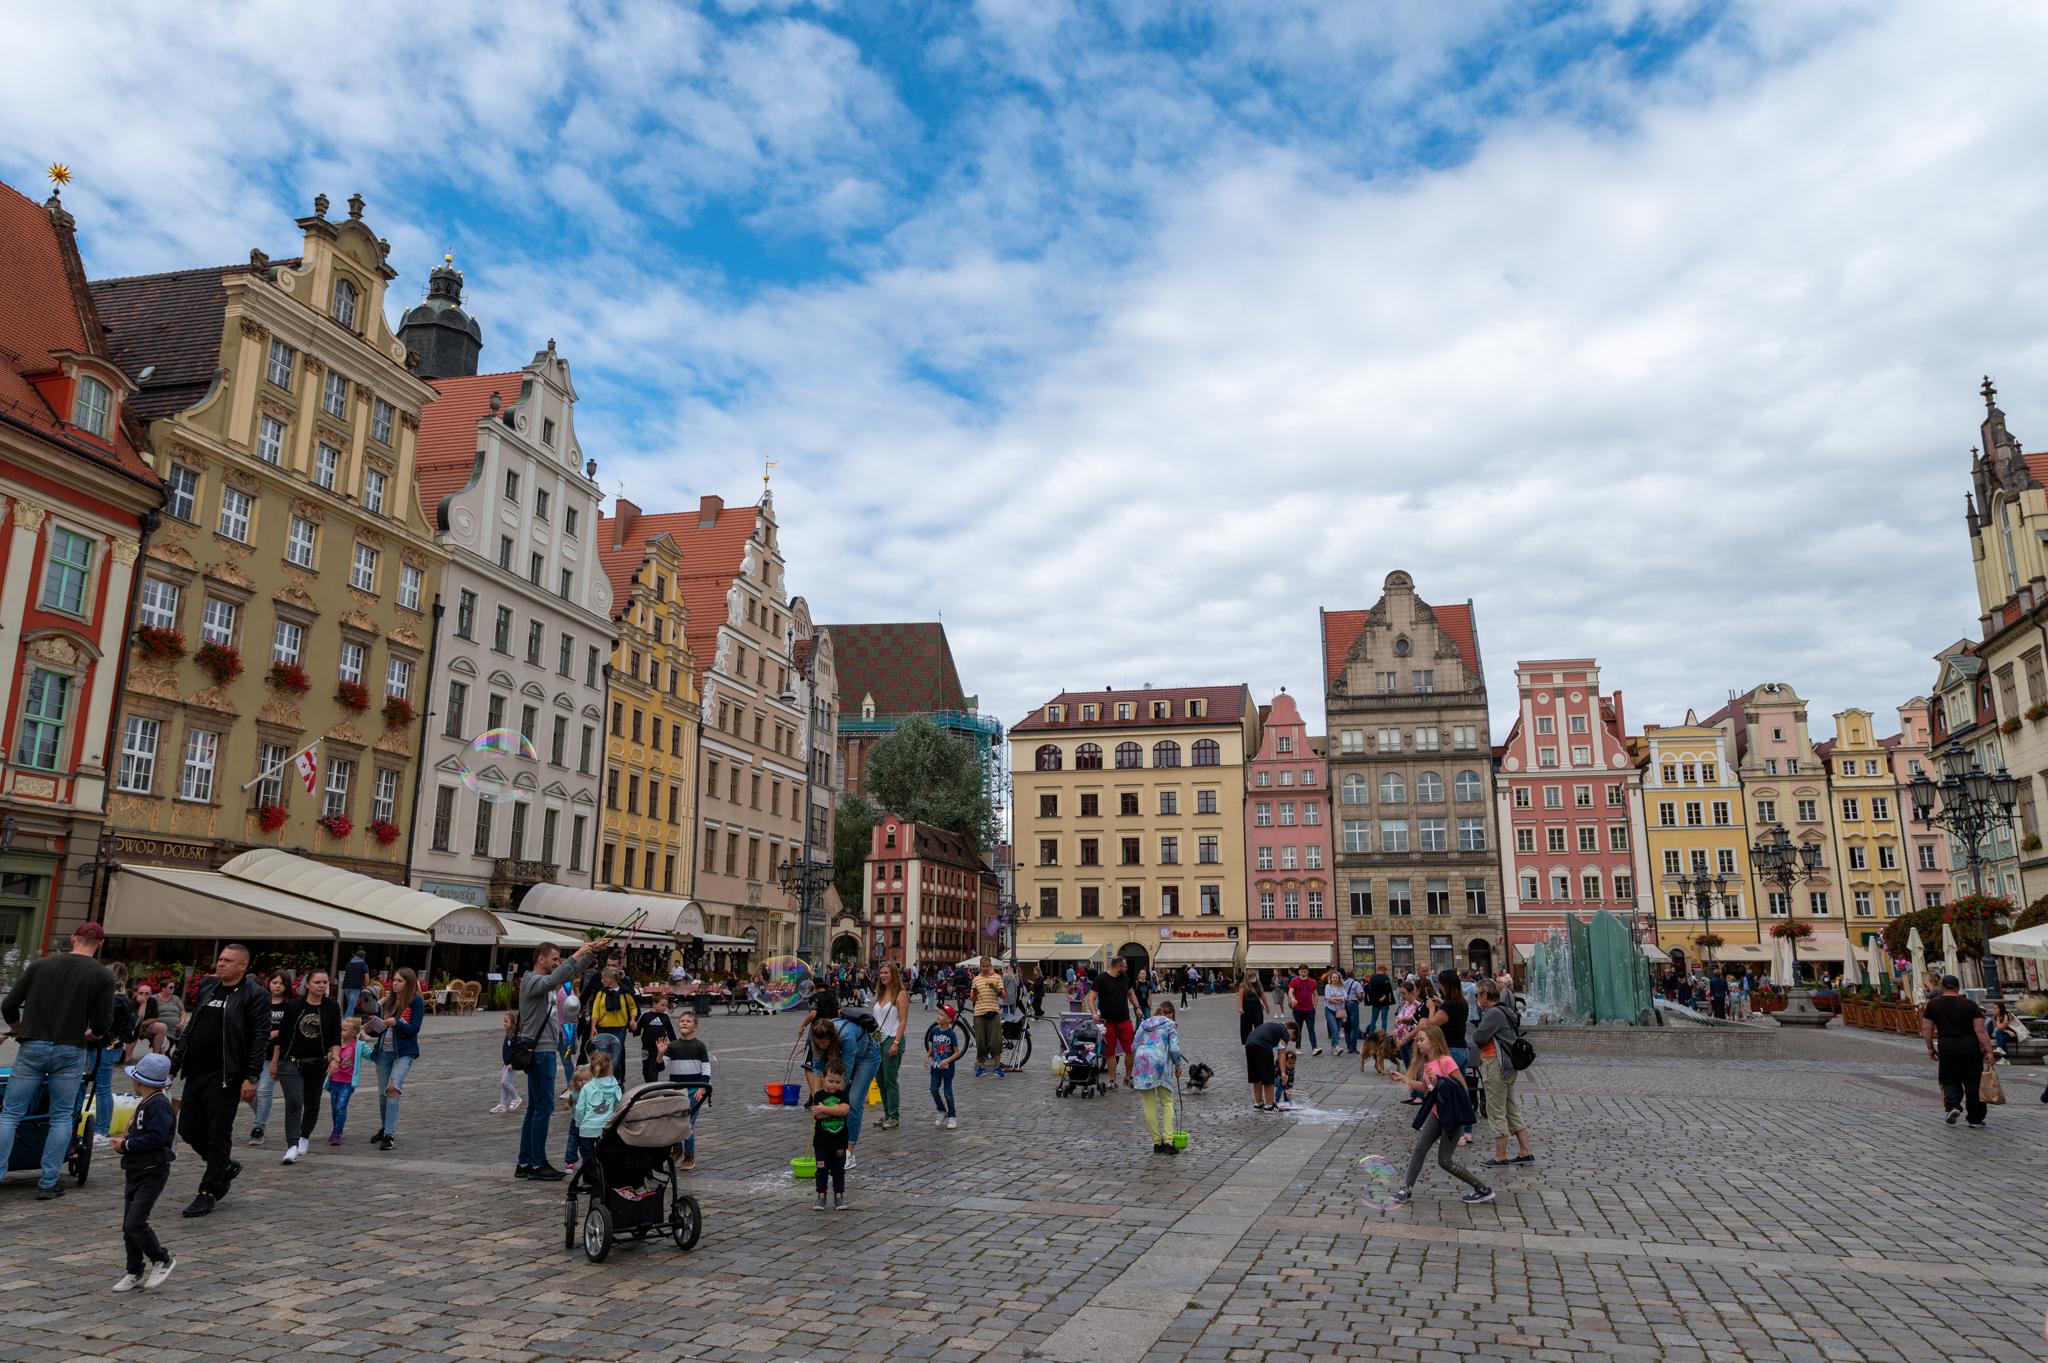 Rynek in Breslau